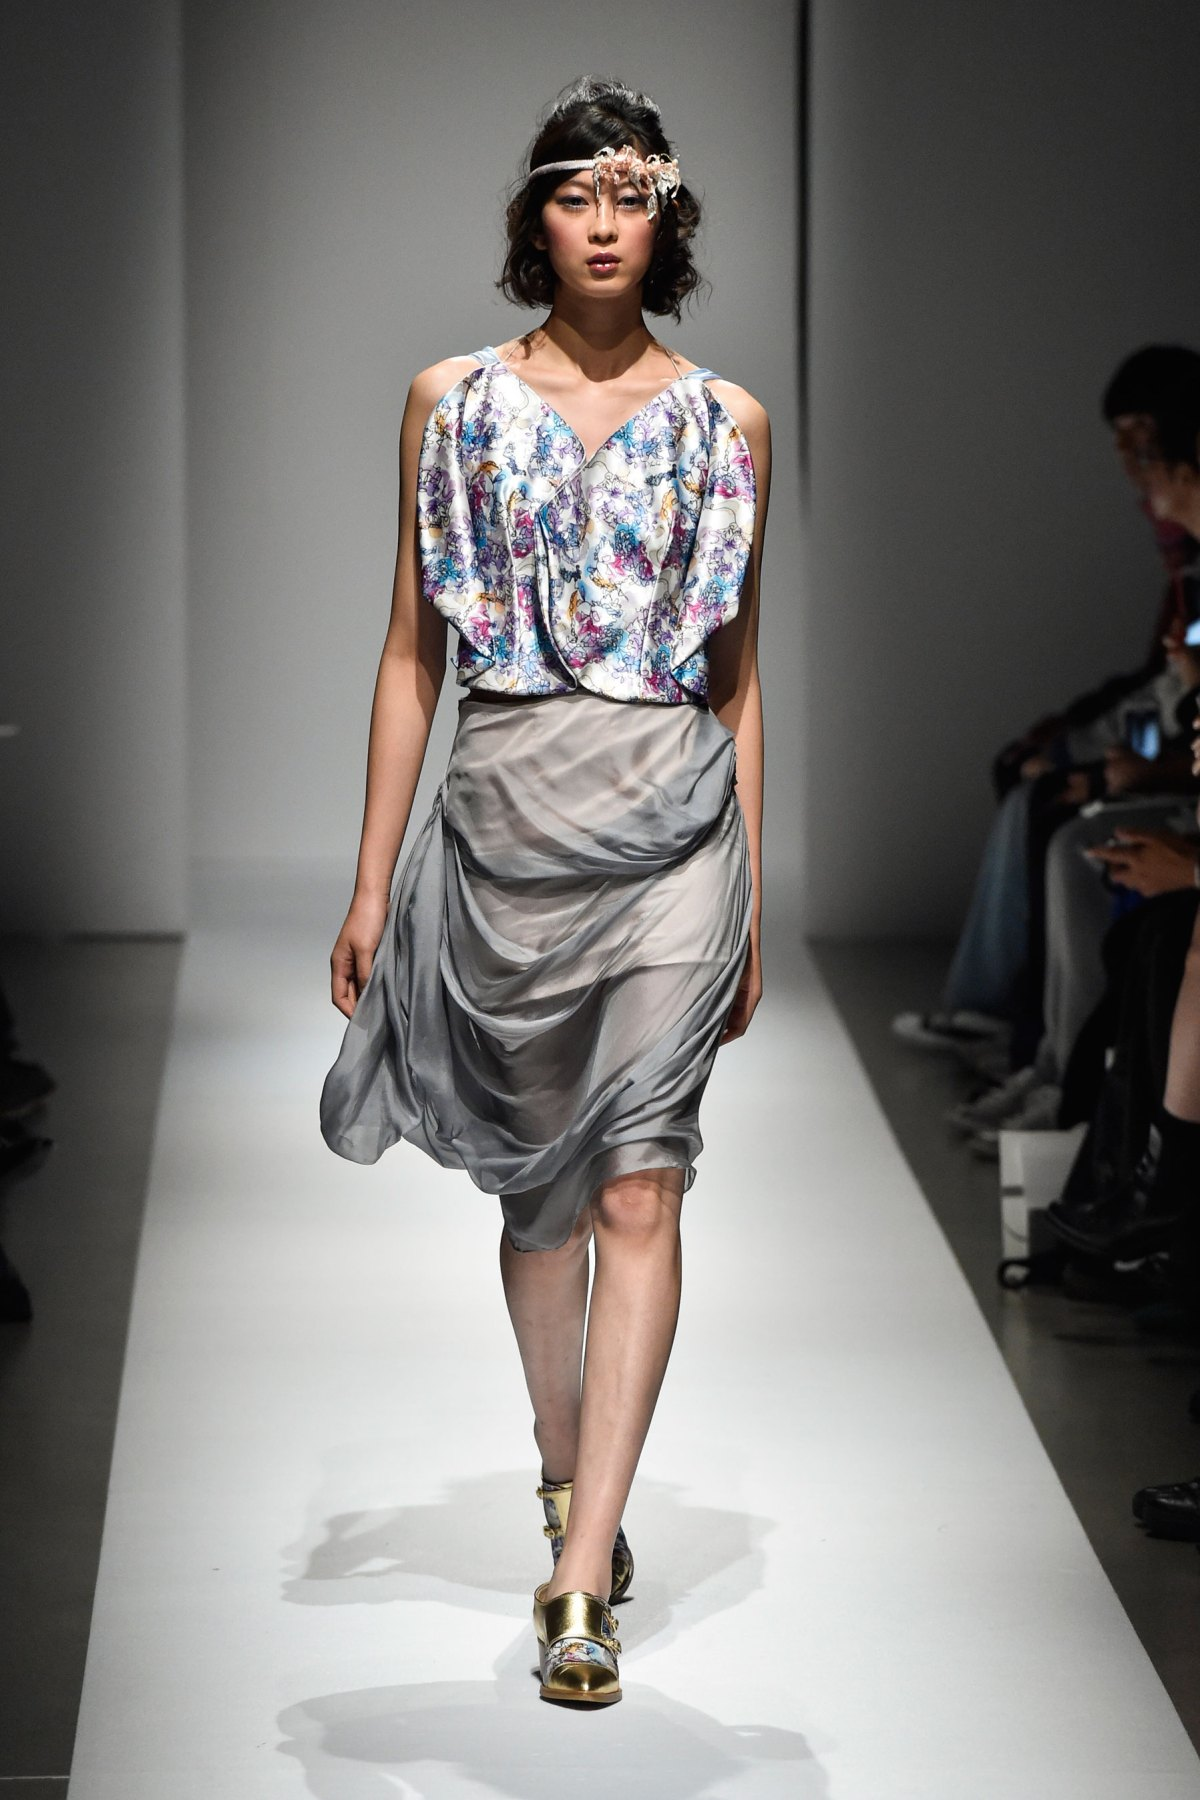 Fashion Hong Kong RS17 0001